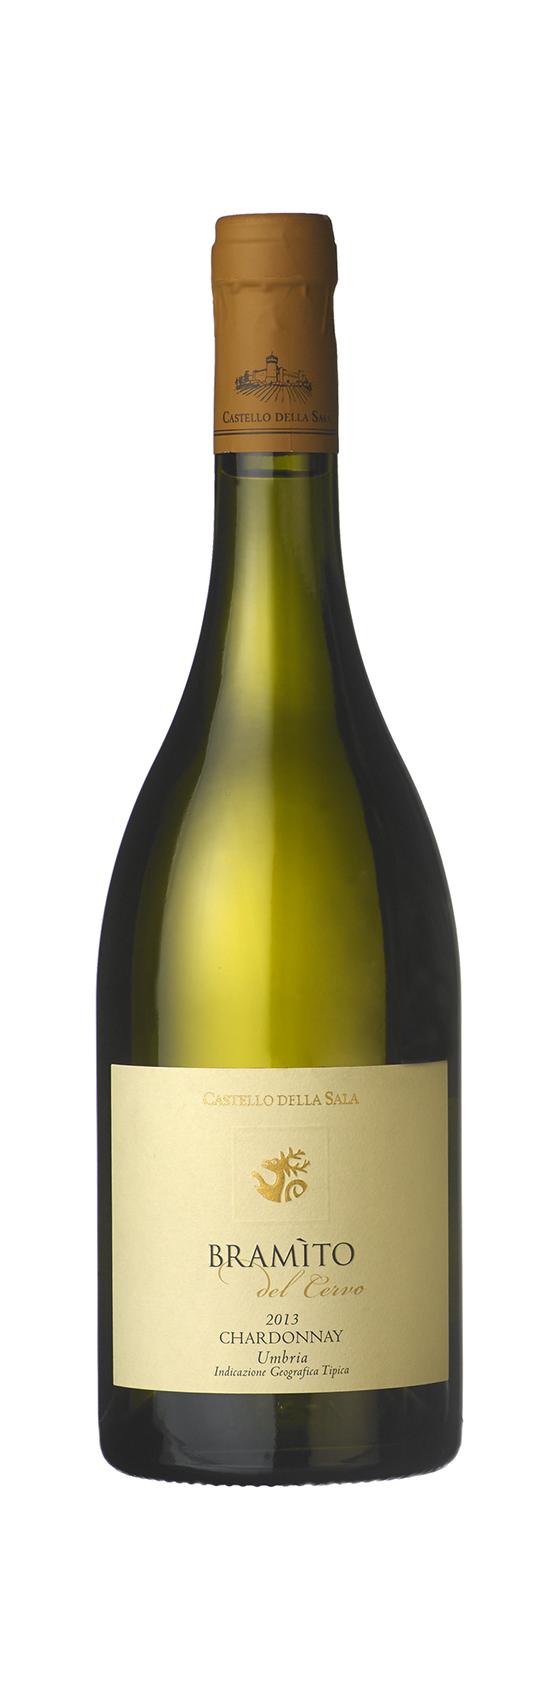 FET_Liebhaverboligen_Vinstyrke2_34700201213 2013 Bramito Chardonnay, Umbria_Let